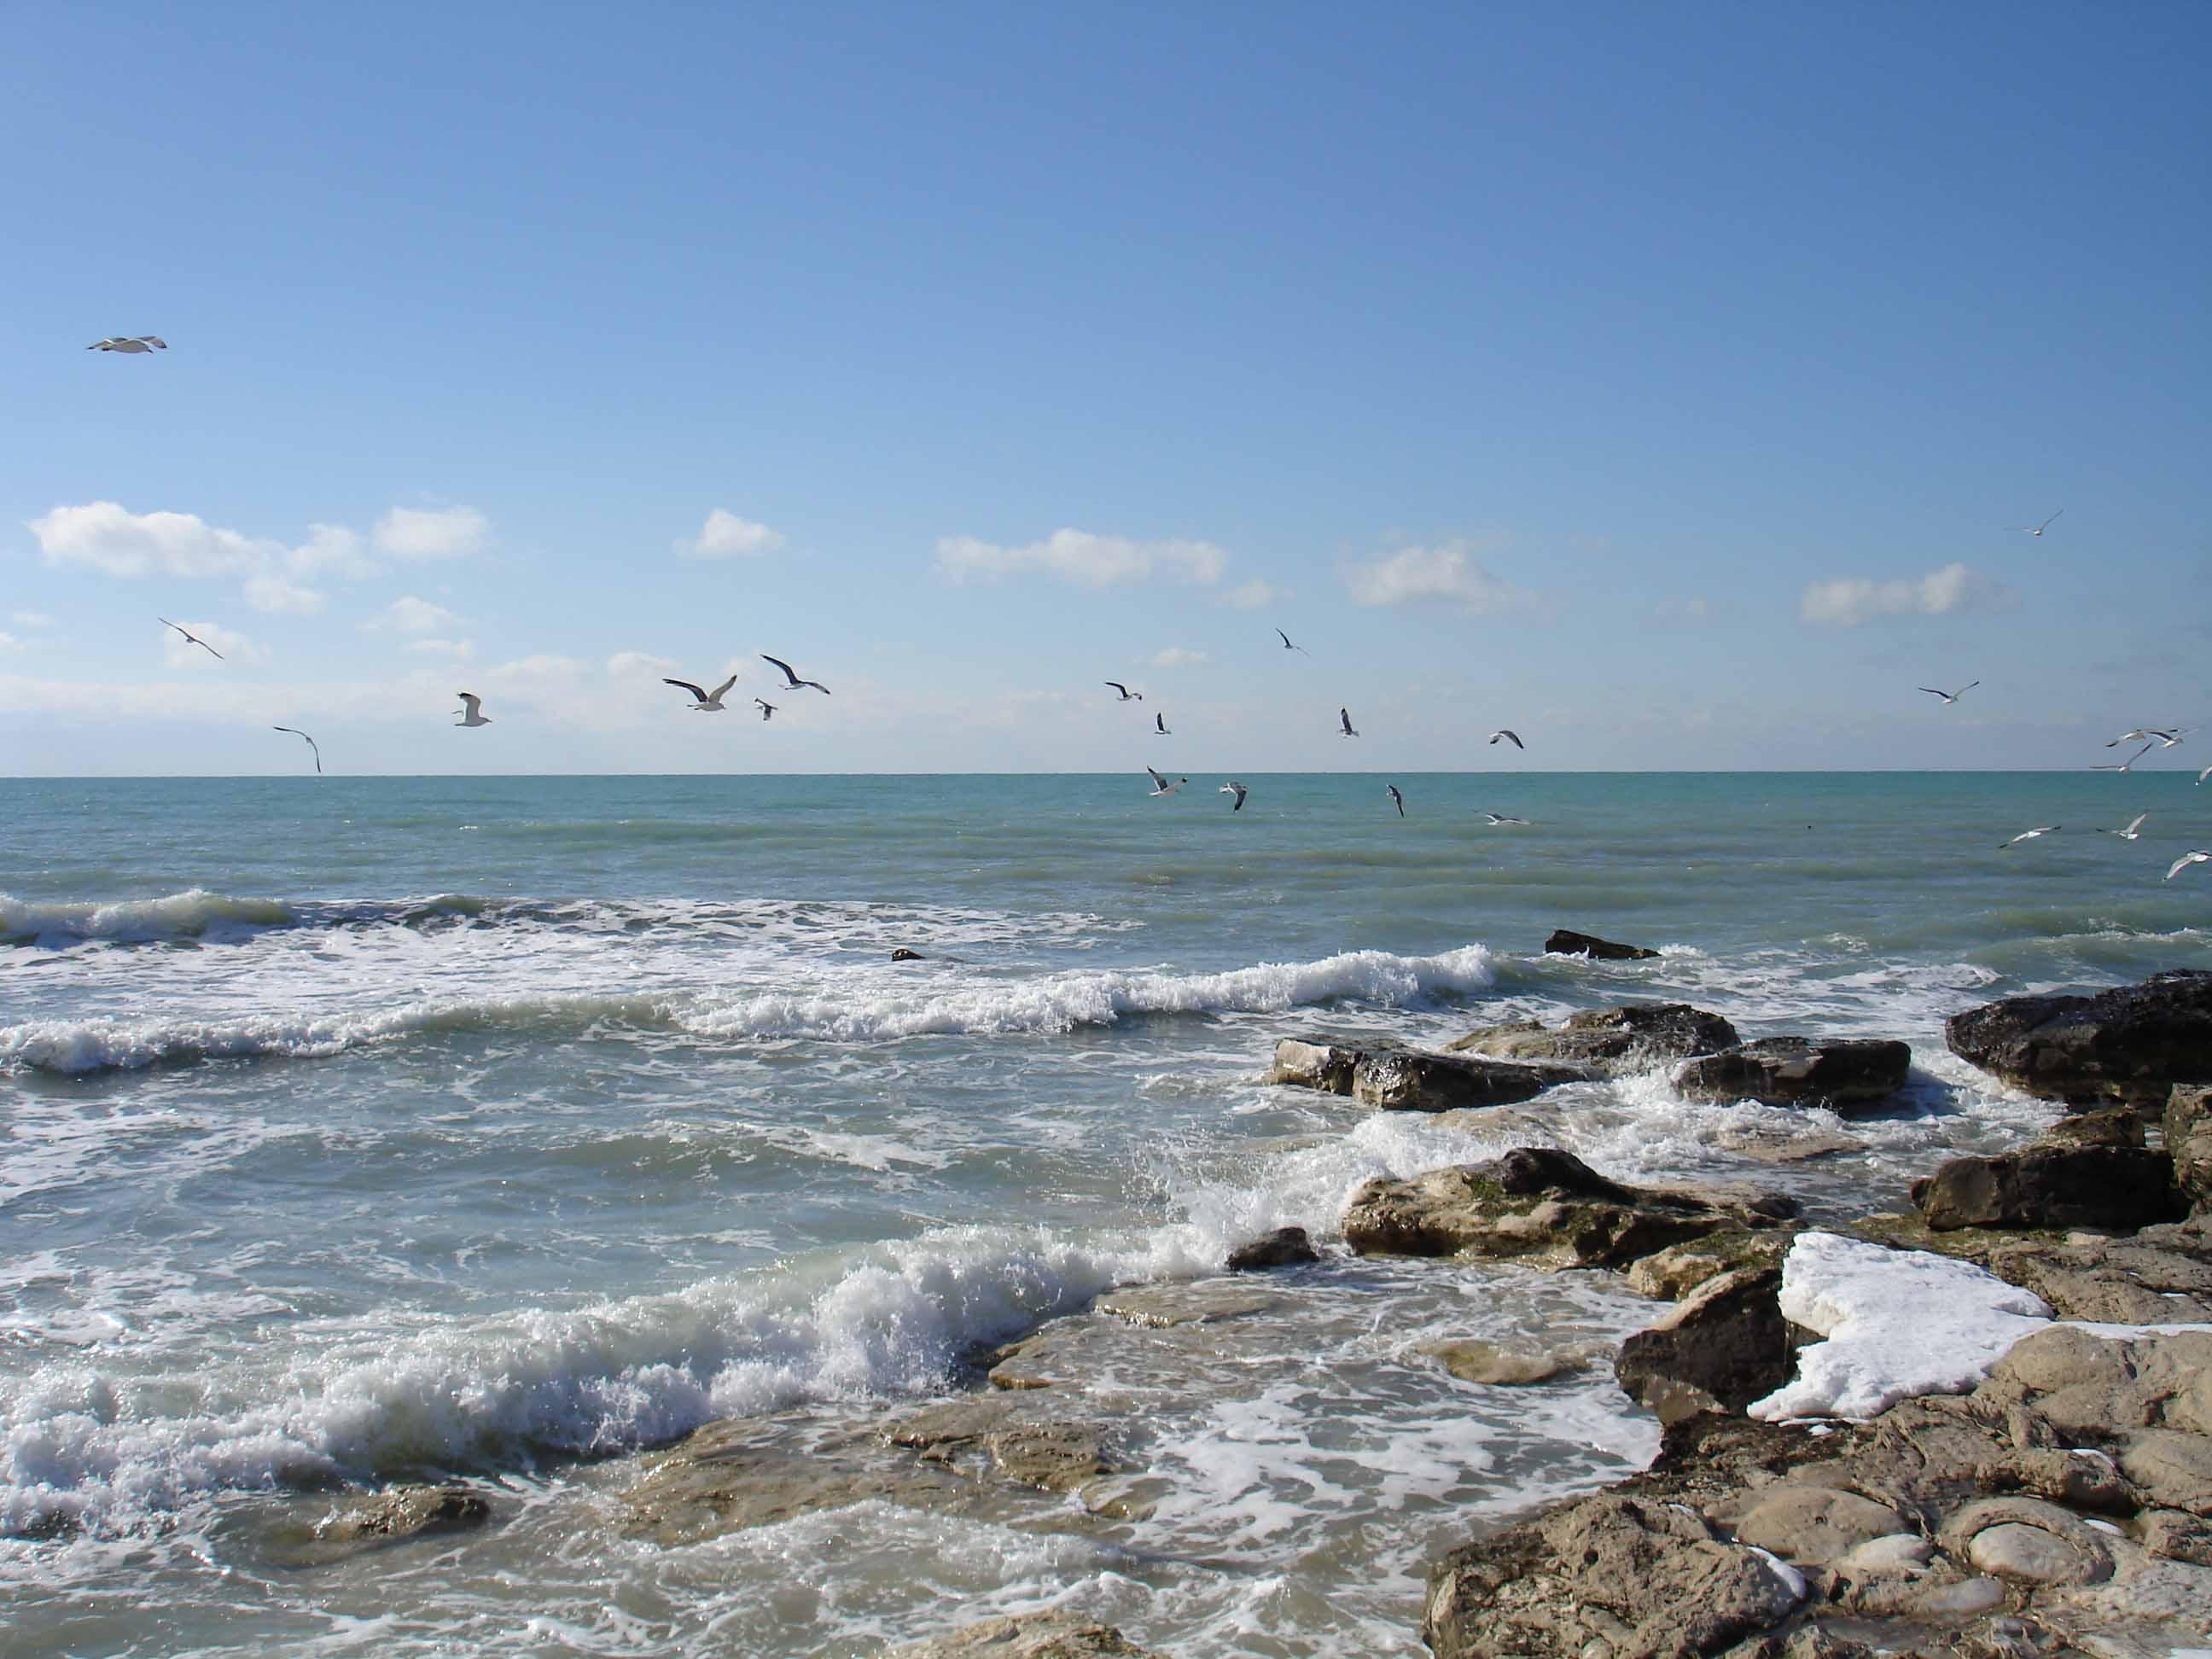 Уровень воды подвержен колебаниям, согласно данным 2009 года составлял 27,16 м ниже уровня моря.